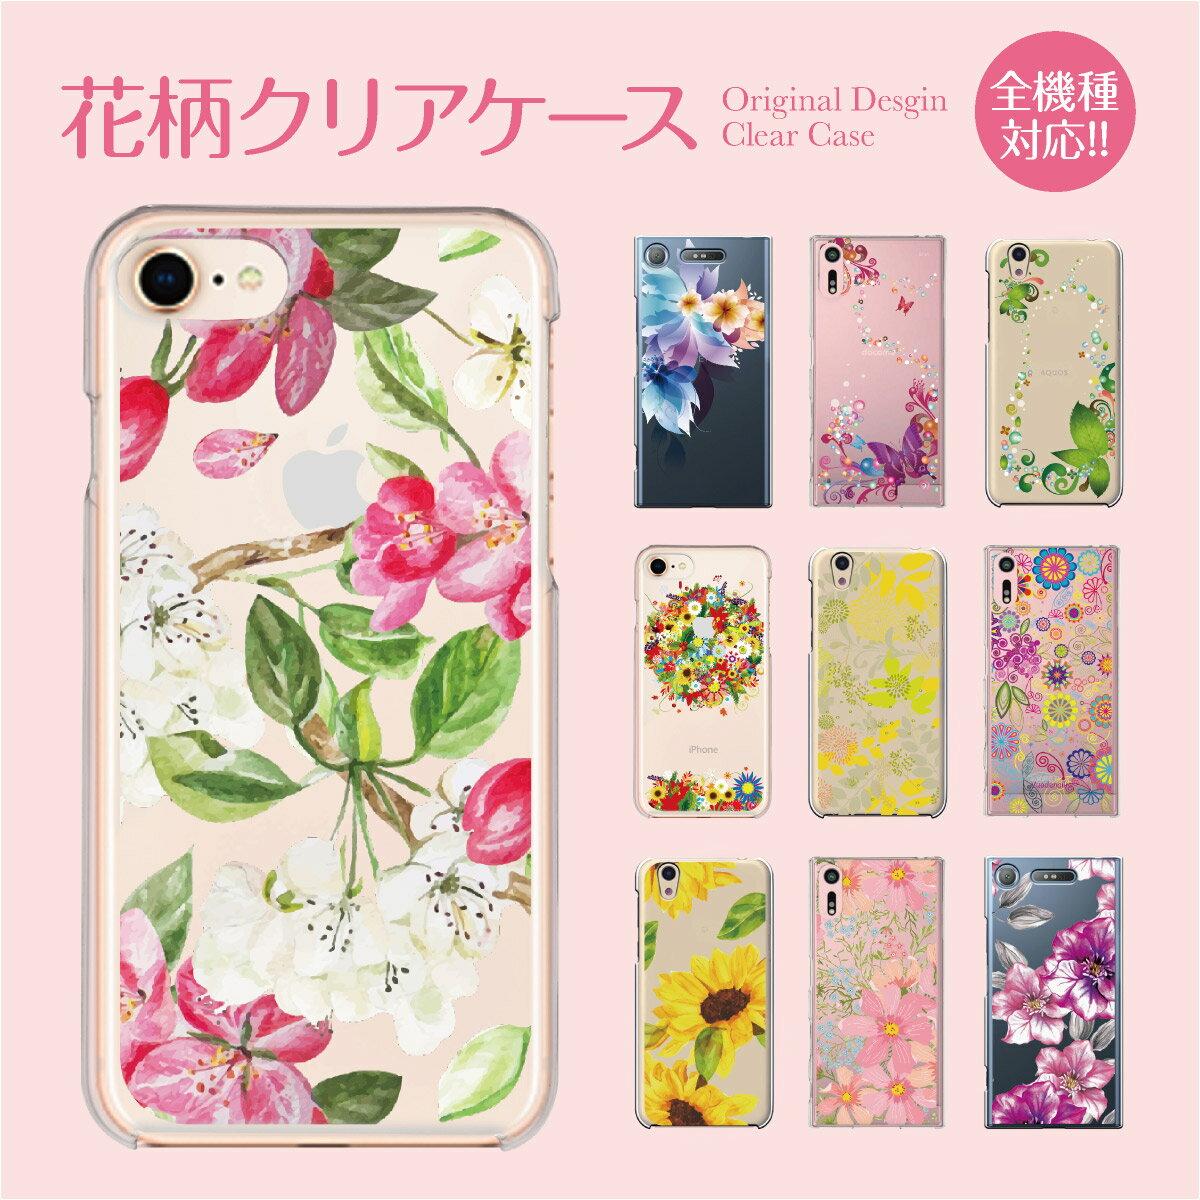 スマホケース 全機種対応 ケース カバー ハードケース クリアケース iPhoneX iPhone8 Plus iPhone7 iPhone6s iPhone6 Plus iPhone SE 5s Xperia XZ2 XZ1 XZ XZs SO-05K SO-03K aquos R2 R SH-03K SHV42 galaxy S9 S8 花柄 08-zen-hanagara